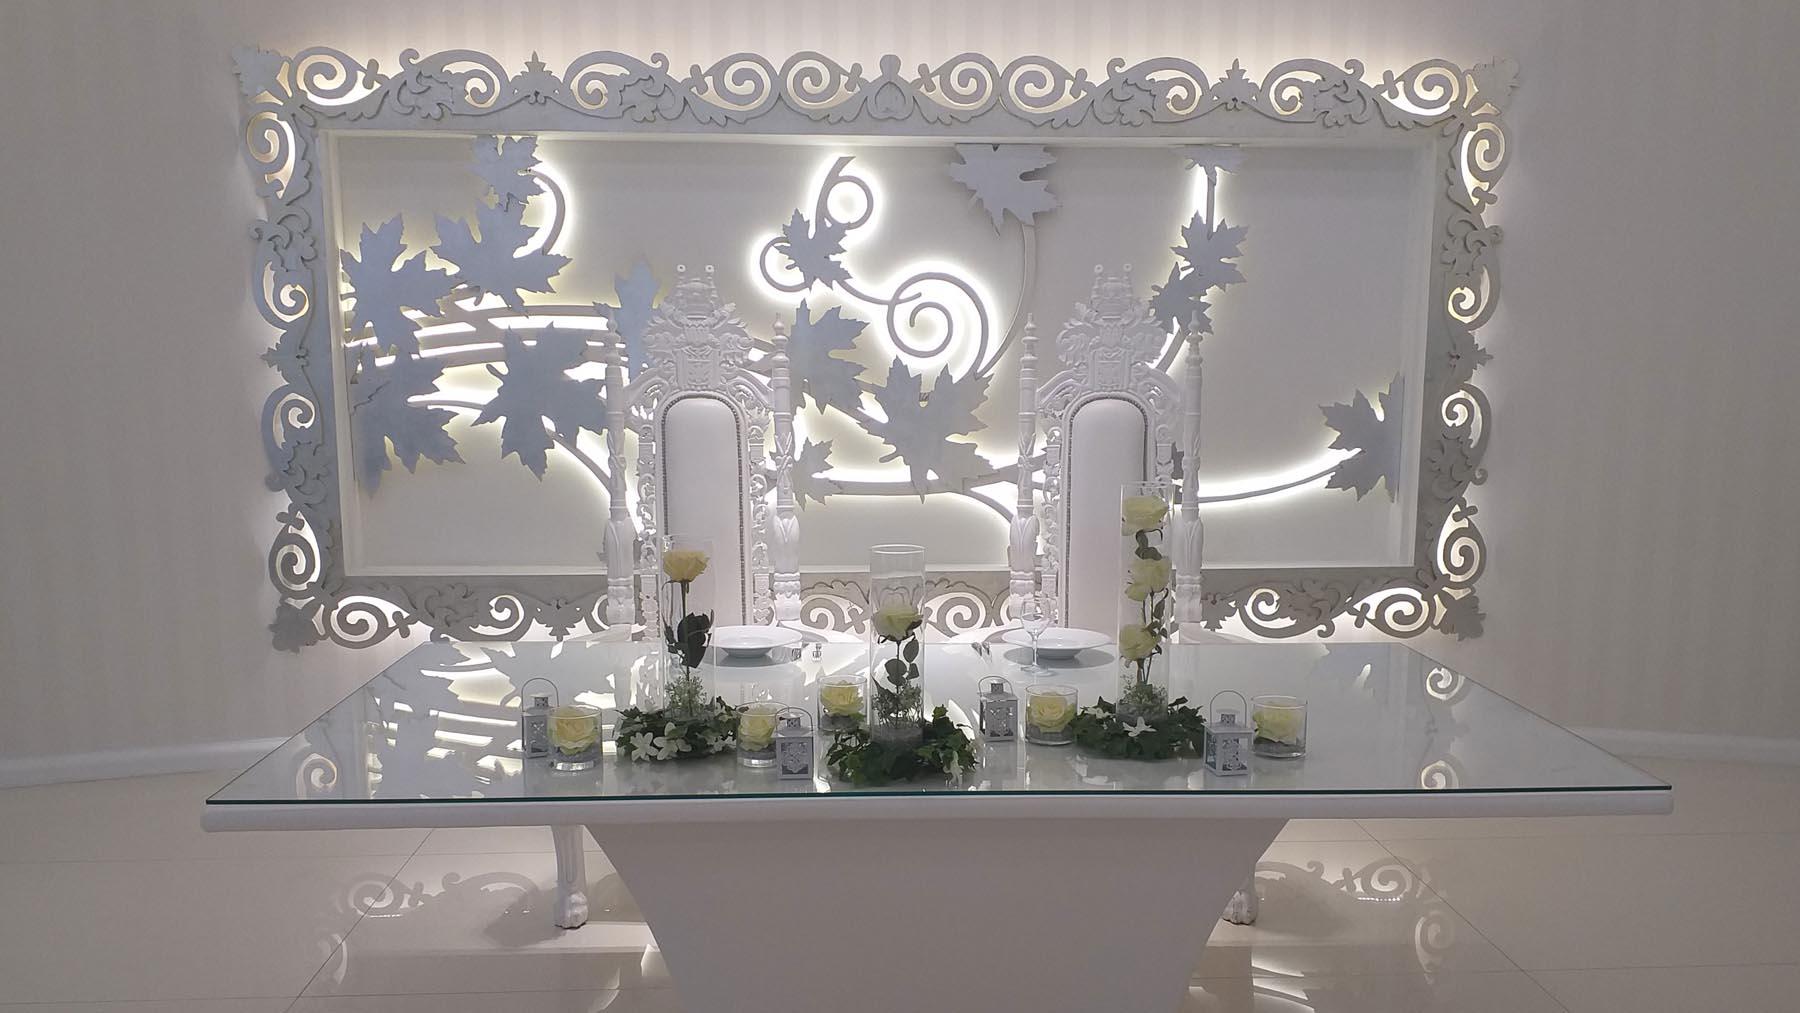 Dea-Ebe-Black-e-White-in-stile-chanel-(35)